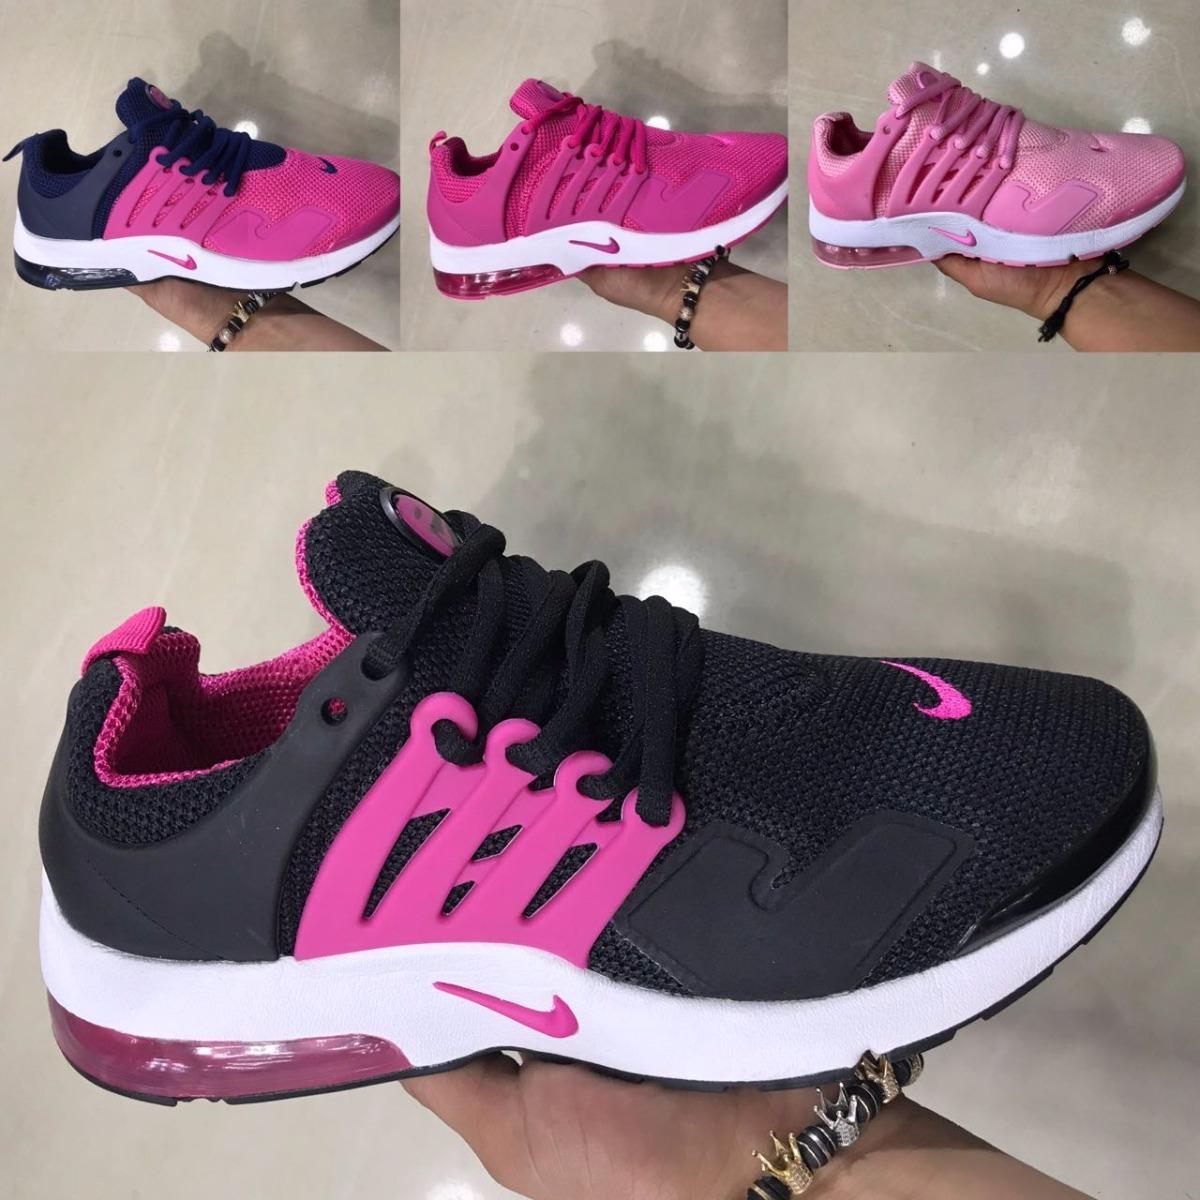 Tenis Zapatillas Nike Air Presto Custom Mujer Precio -   139.900 en ... e8747505df7